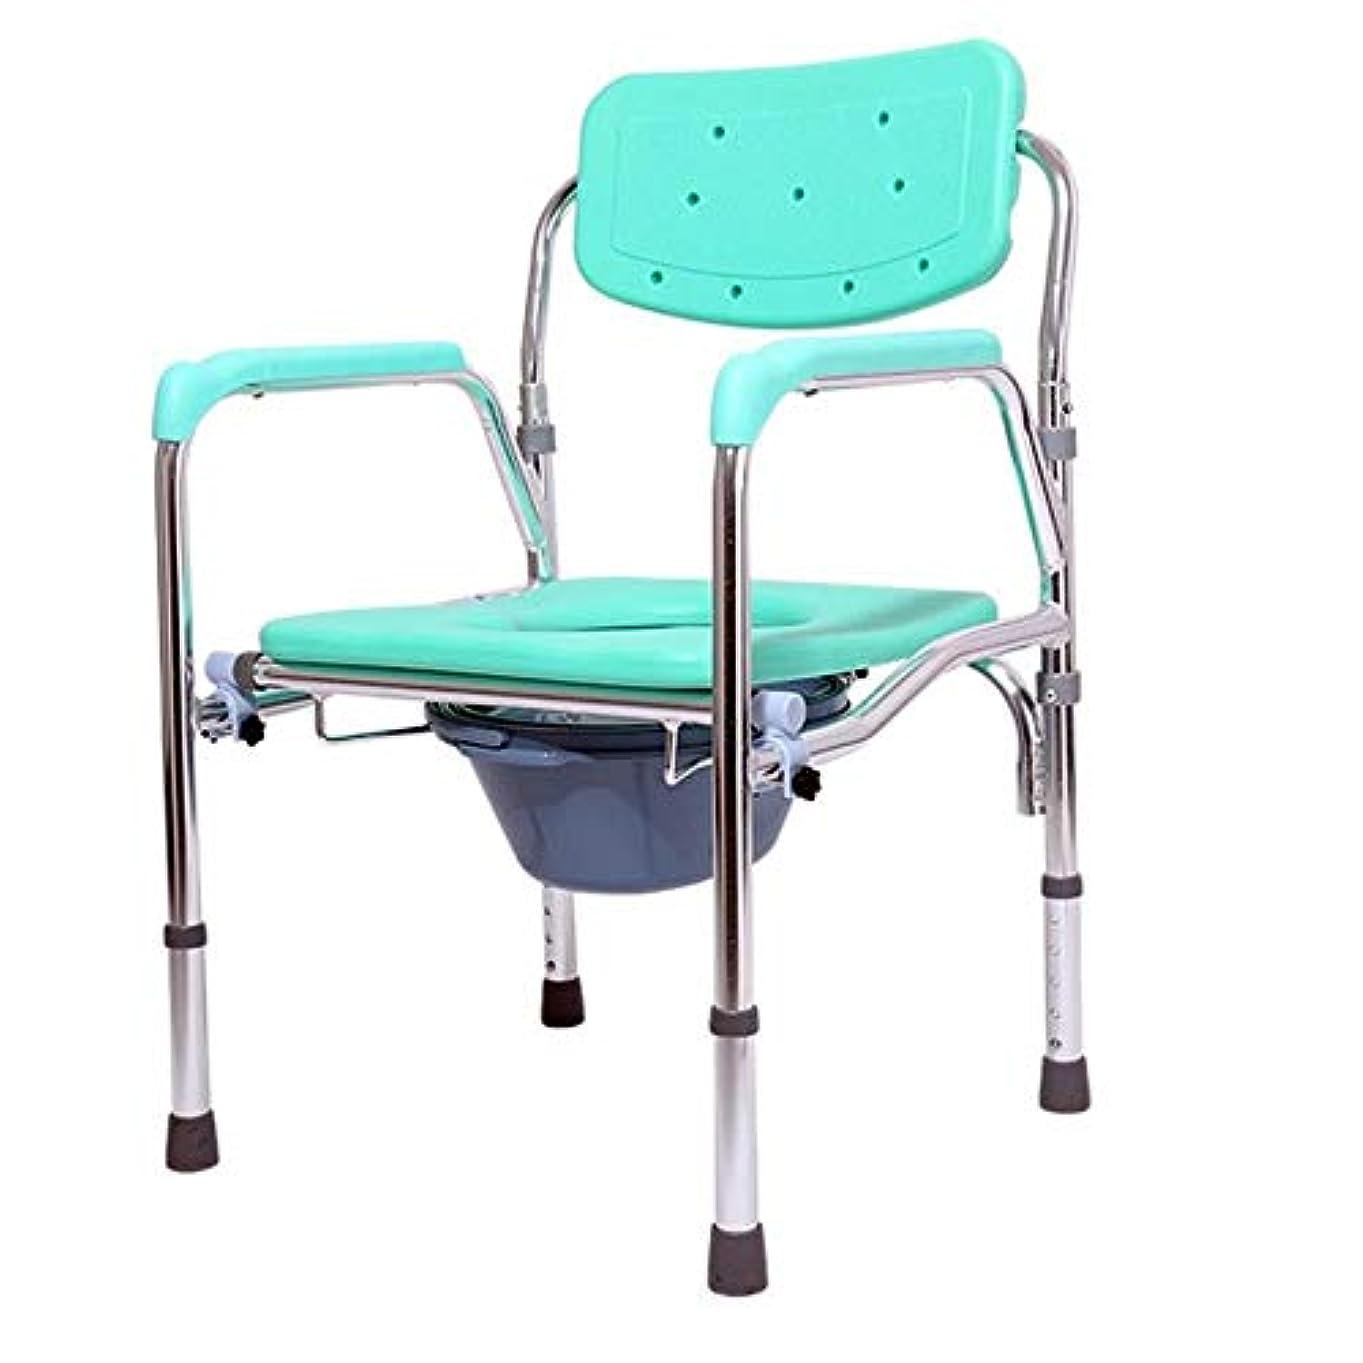 サージモットーミニ調節可能なシャワーベンチ、可動性のための調節可能な背中とアームレストを備えたポータブル医療スツール